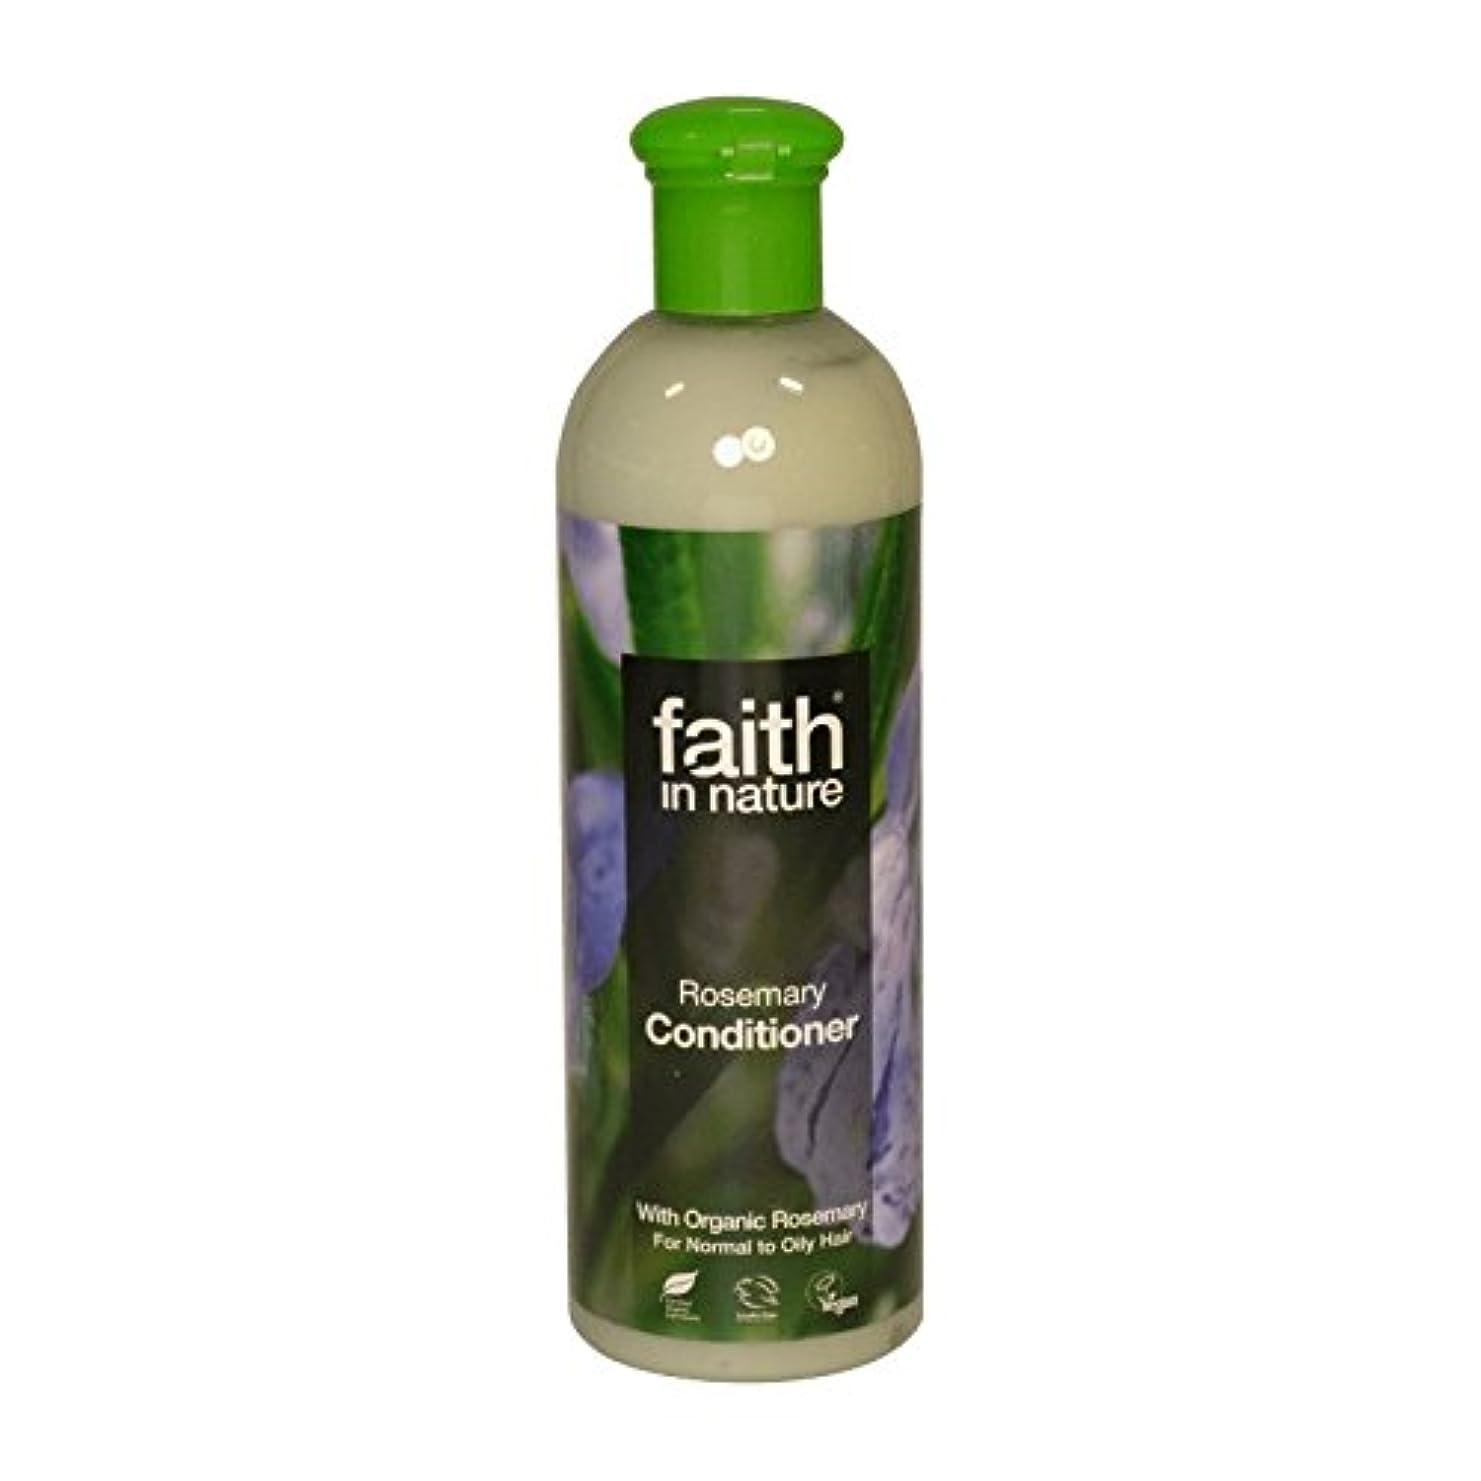 自然ローズマリーコンディショナー400ミリリットルの信仰 - Faith in Nature Rosemary Conditioner 400ml (Faith in Nature) [並行輸入品]